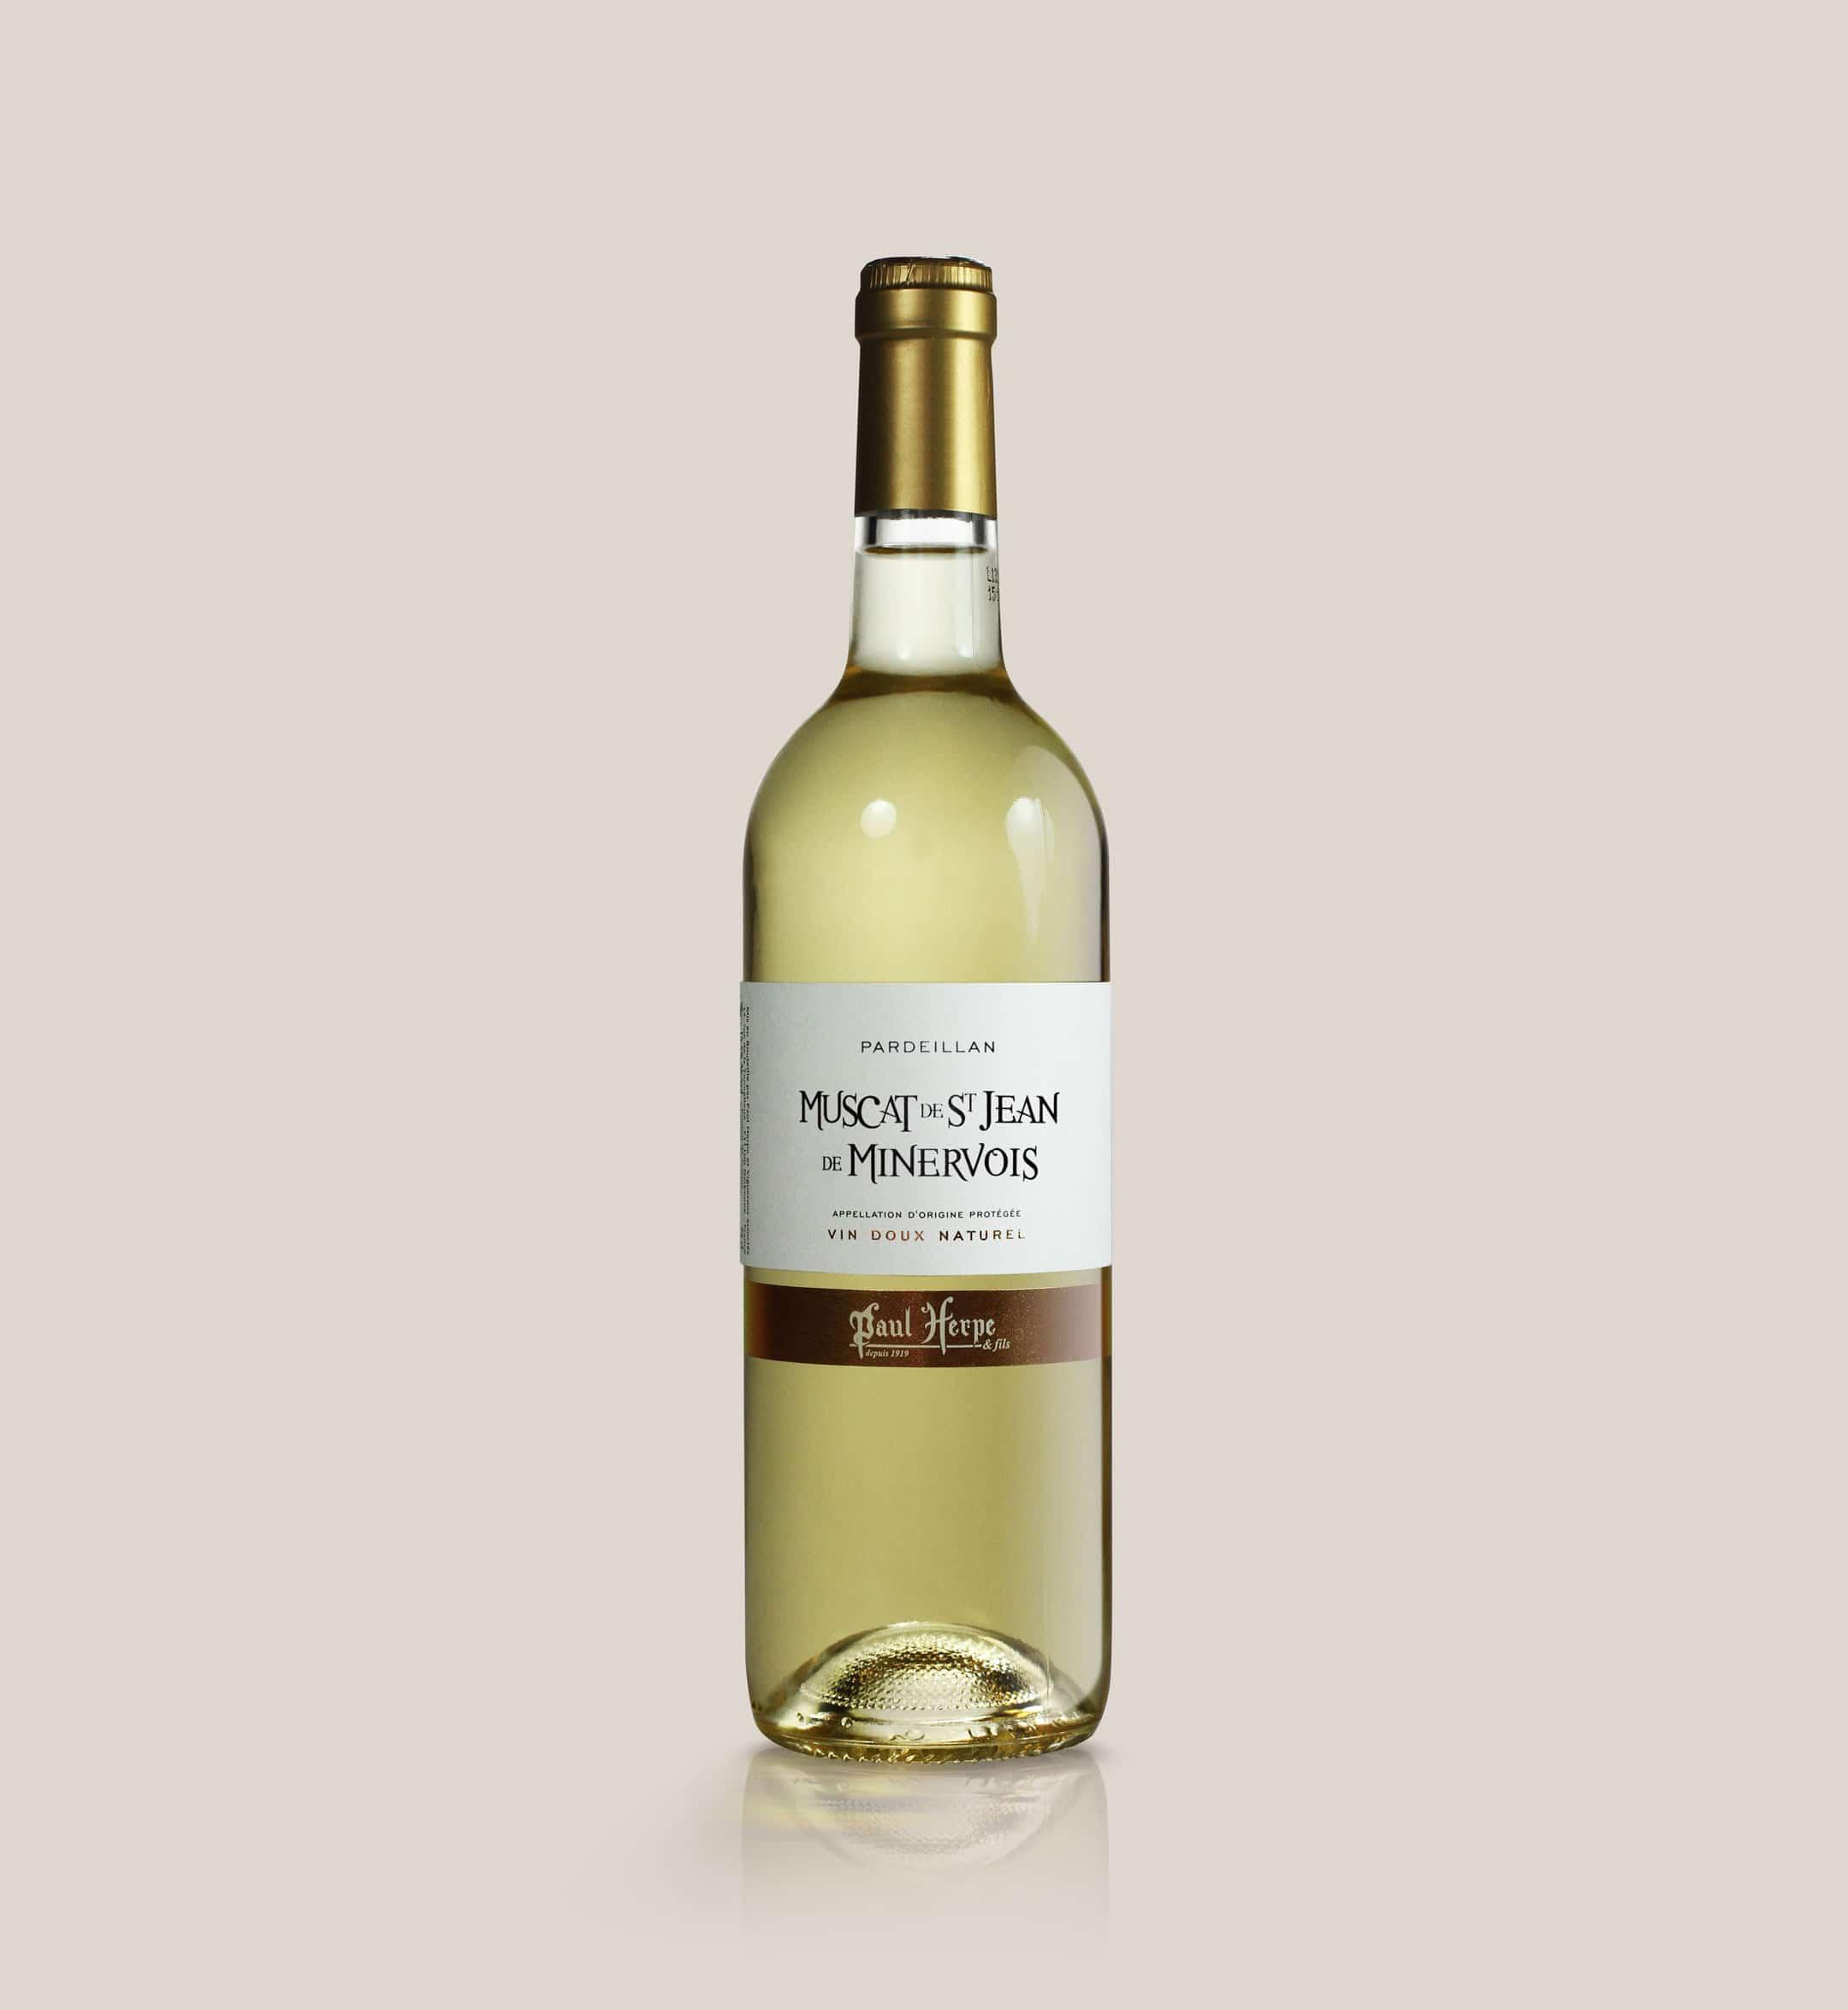 Pardeillan muscat saint-jean de minervois bouteille vin doux naturel Paul Herpe